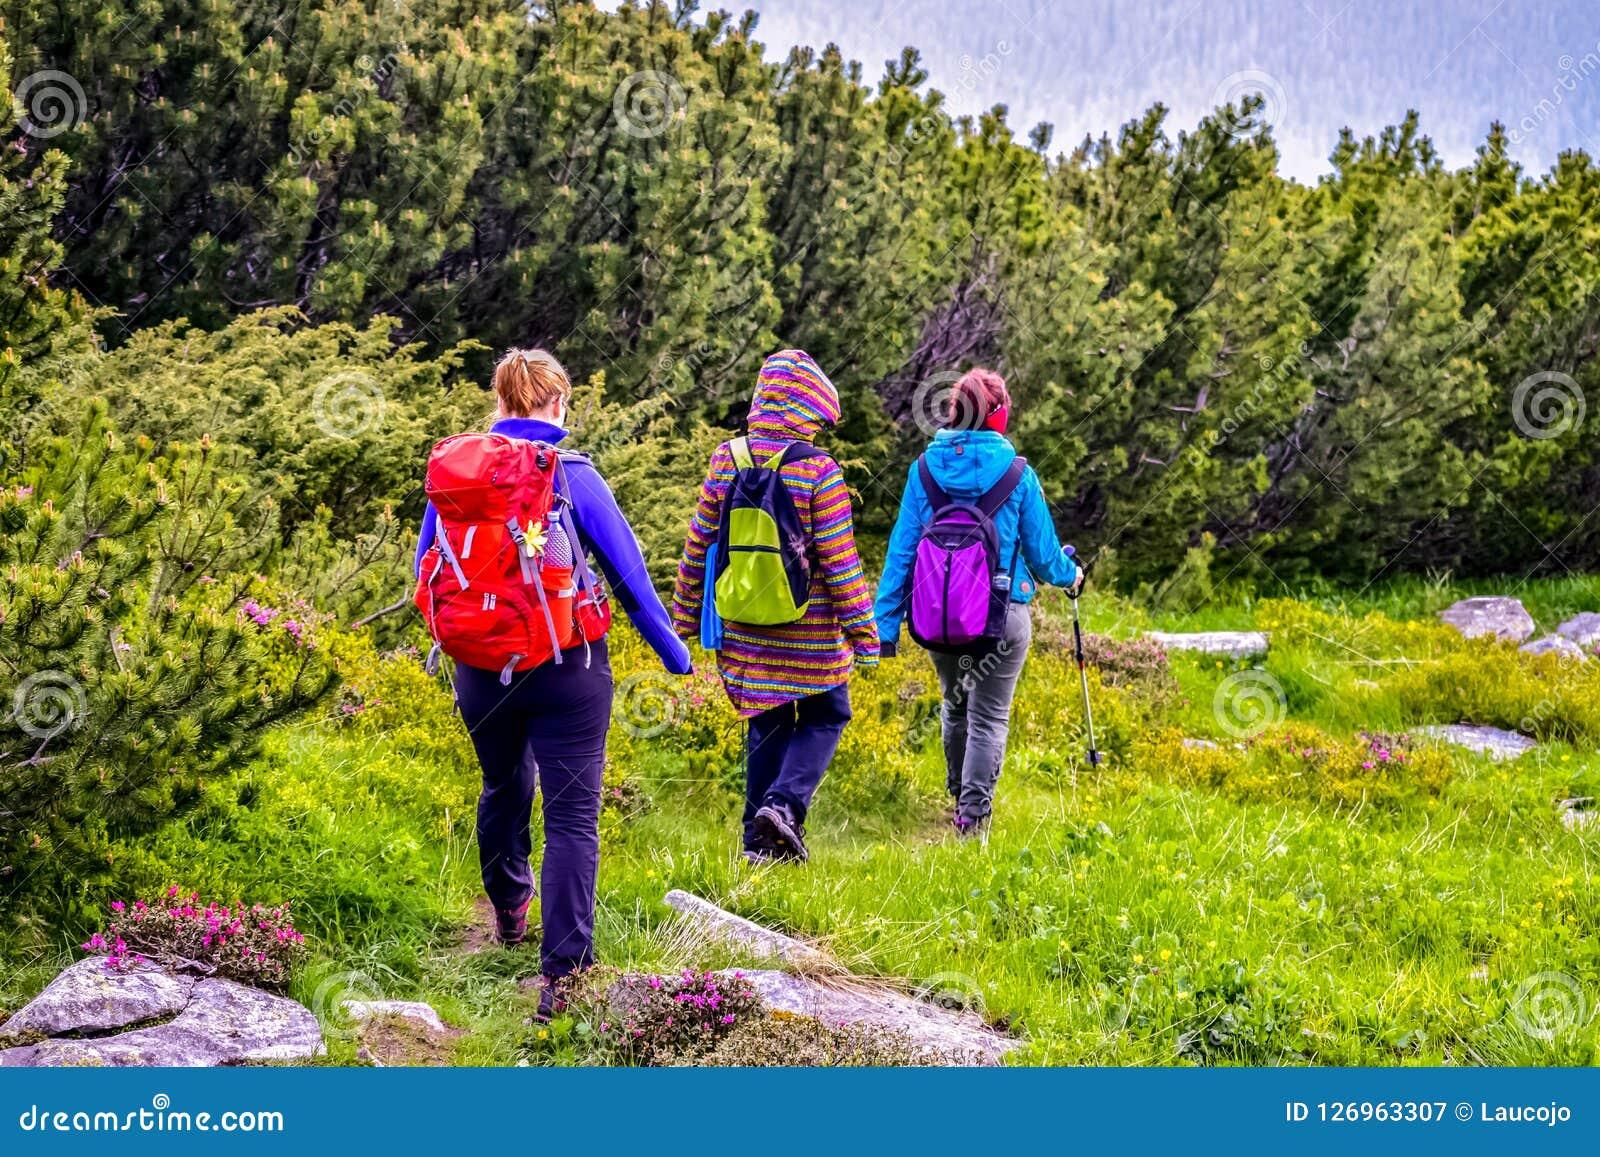 Trekkers walking on mountain path